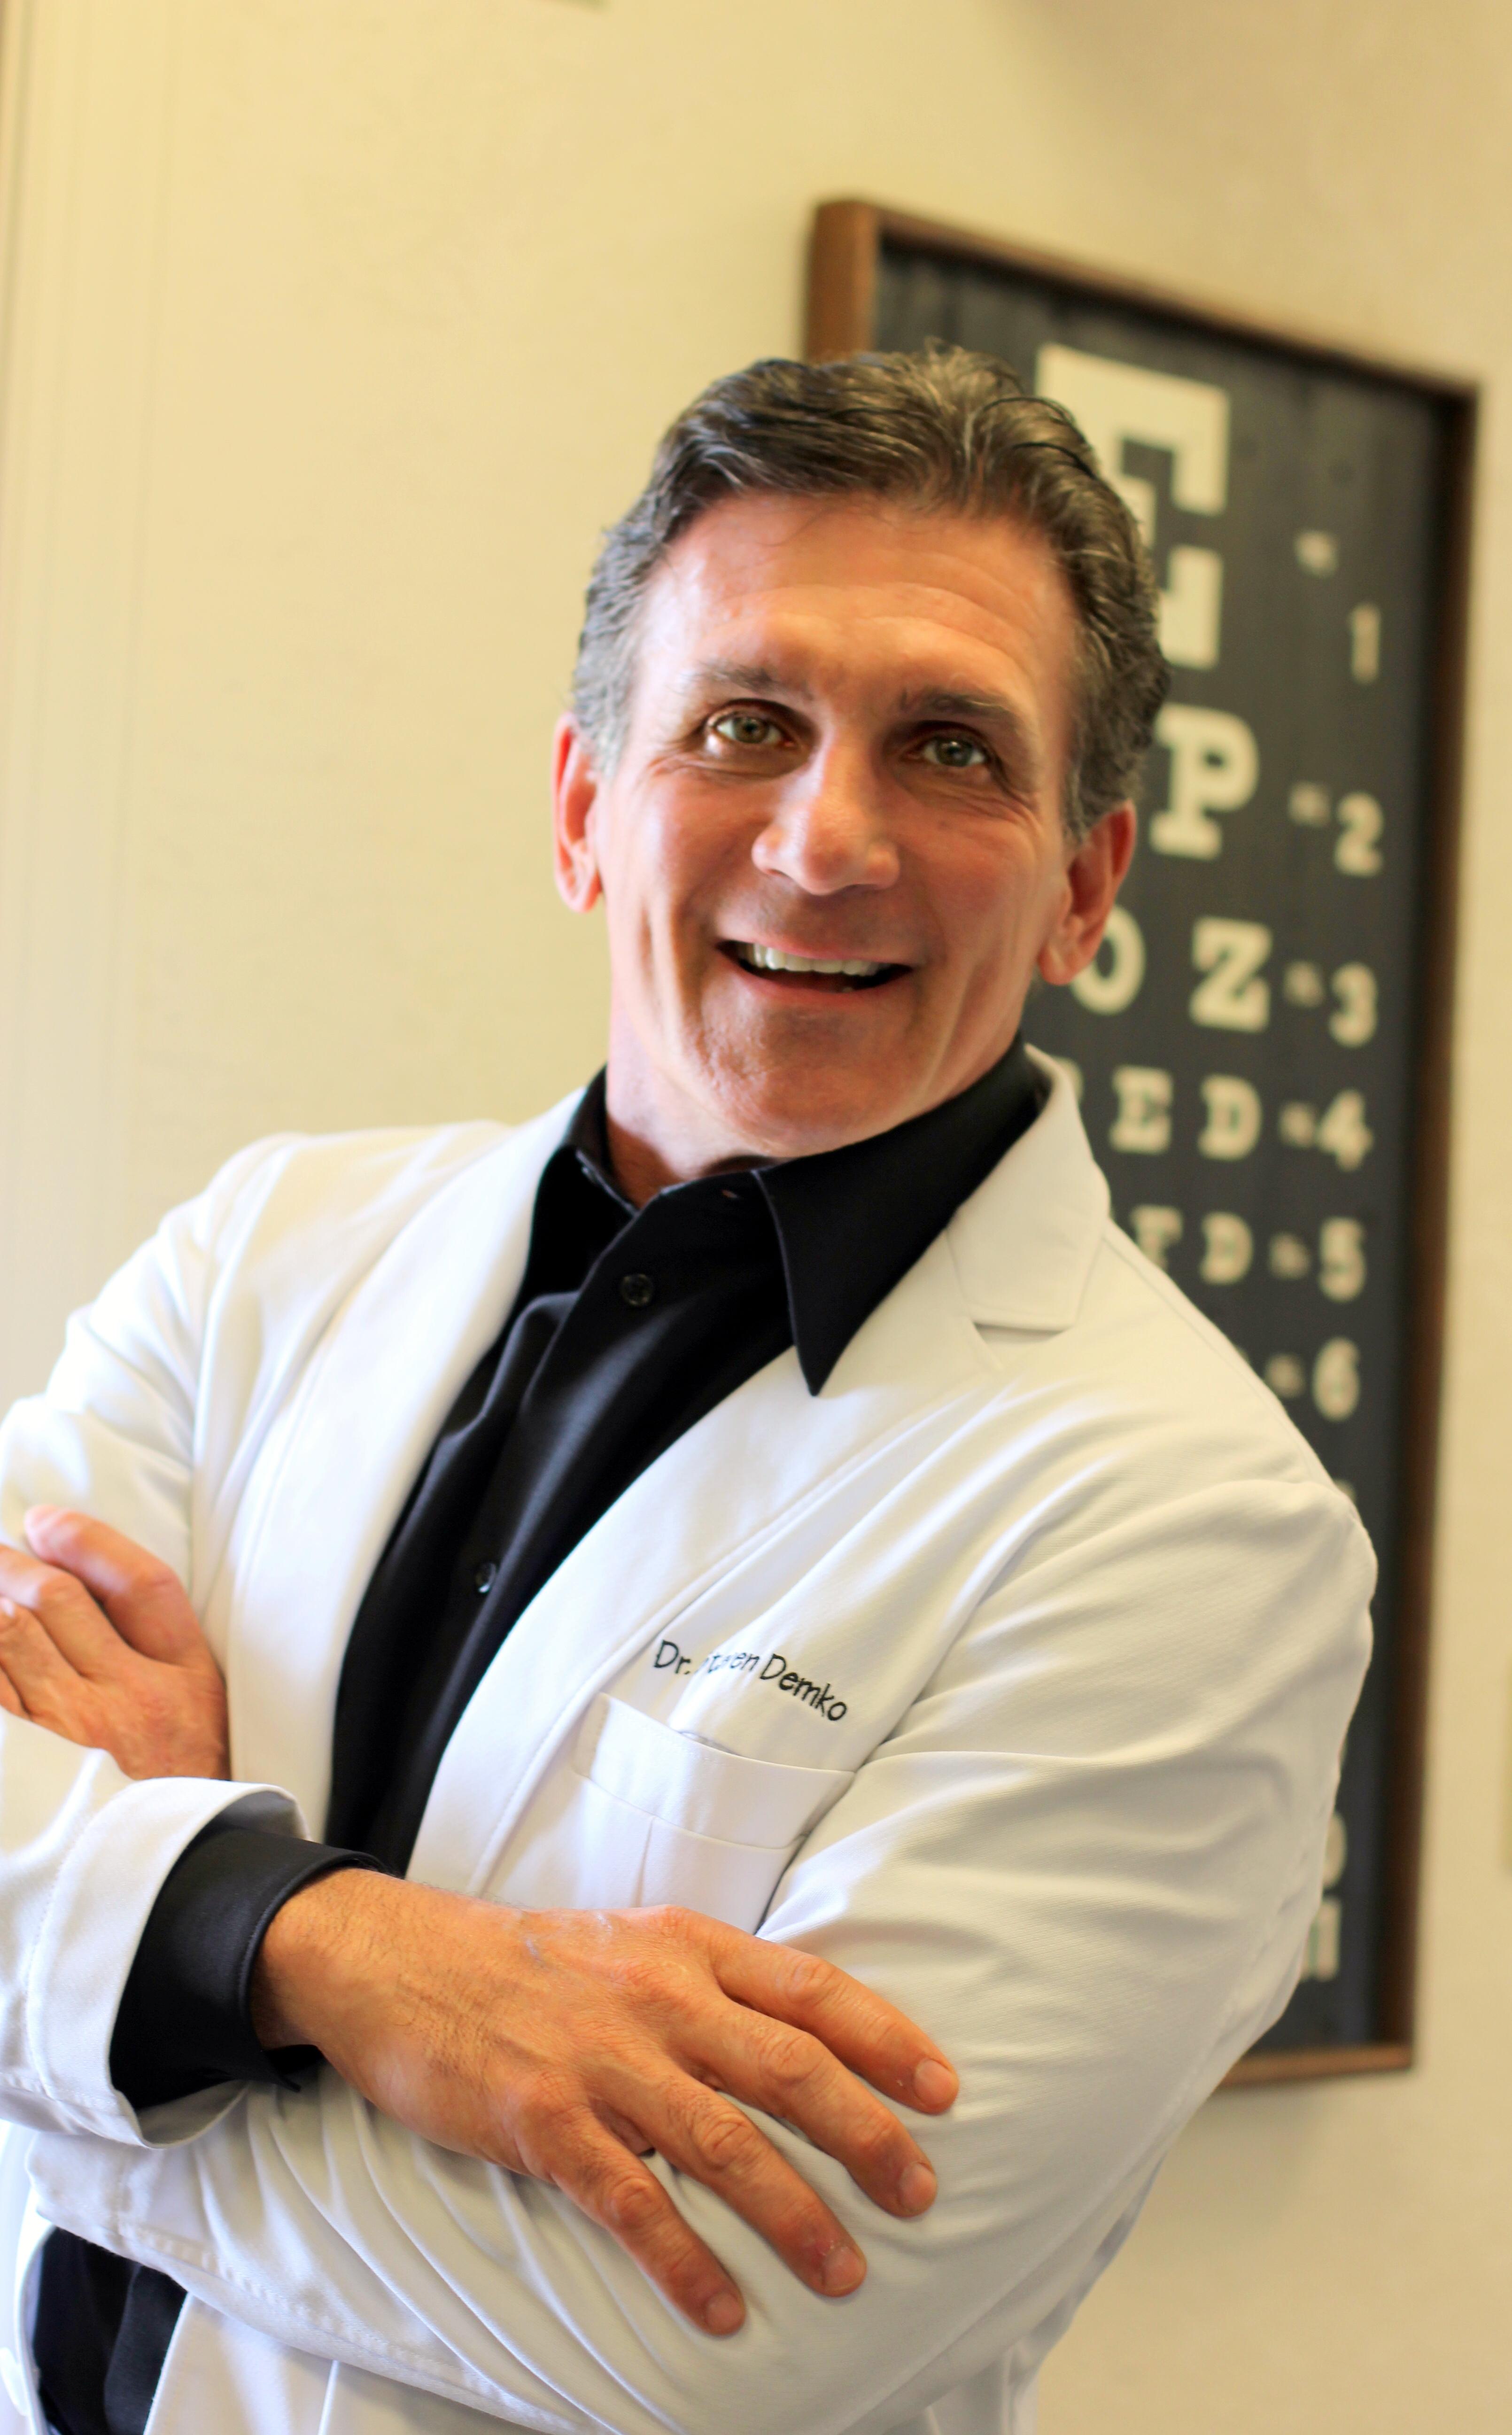 Dr-Demko-profile-pic-2-1